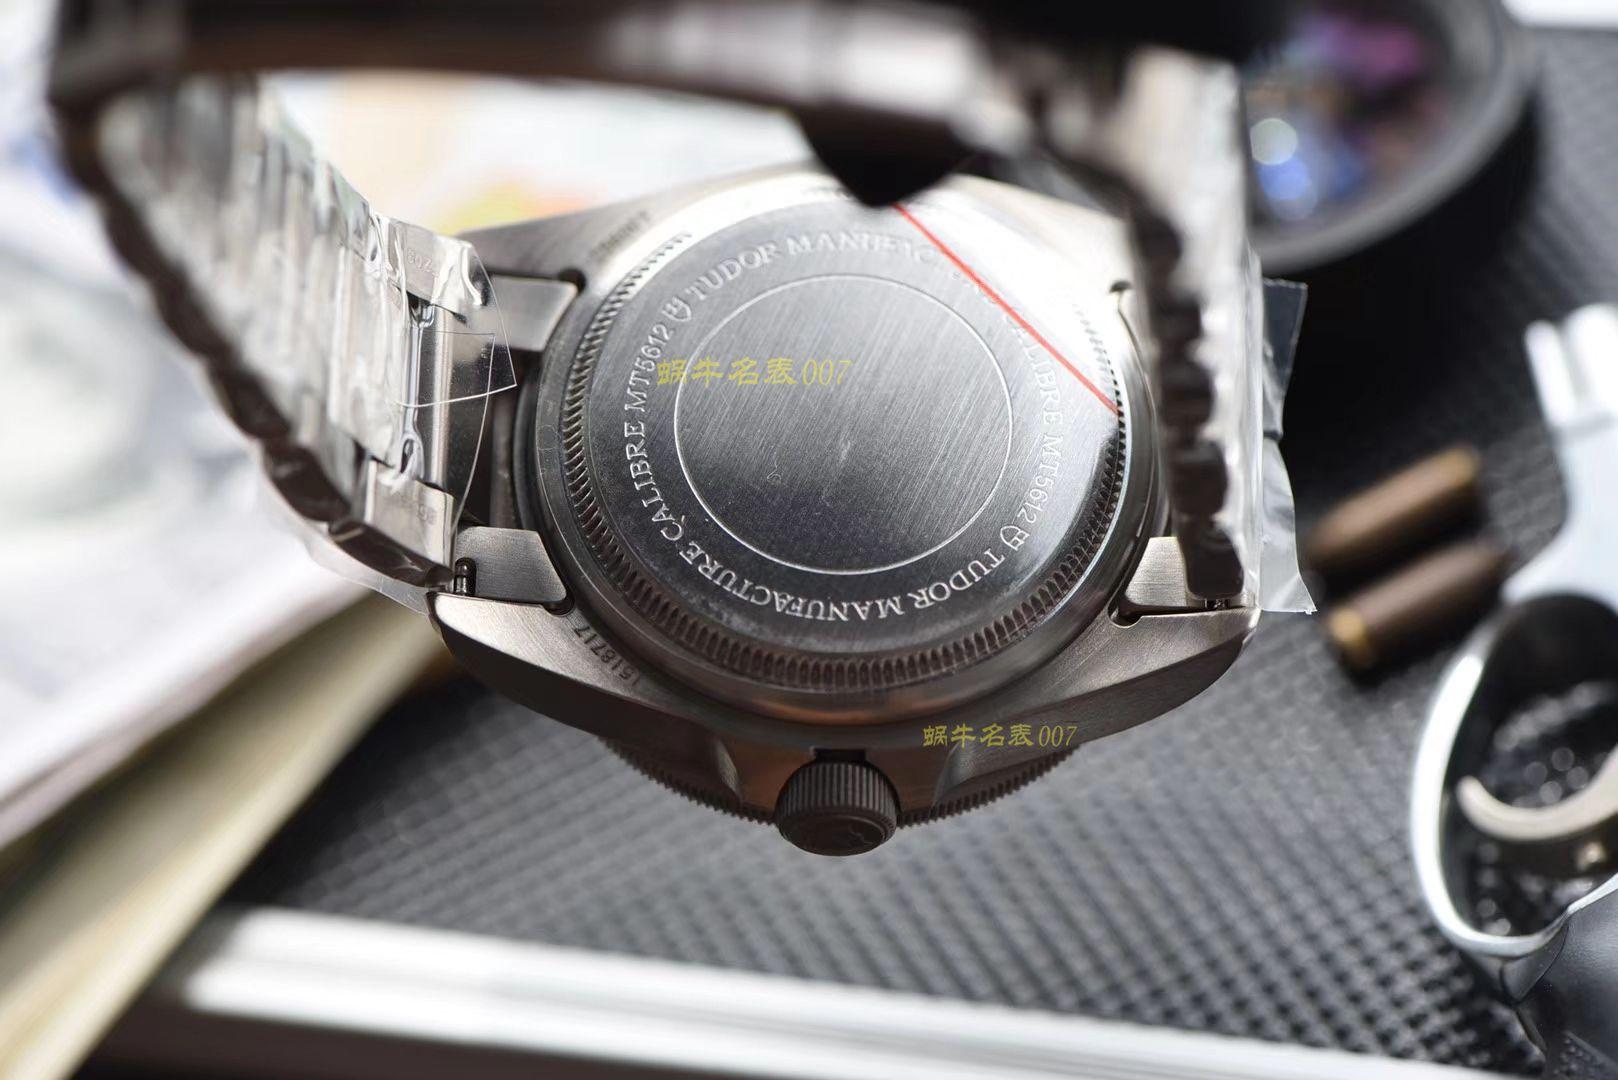 【XF最新~终极版帝舵蓝土豆】帝舵PELAGOS系列25600TB腕表